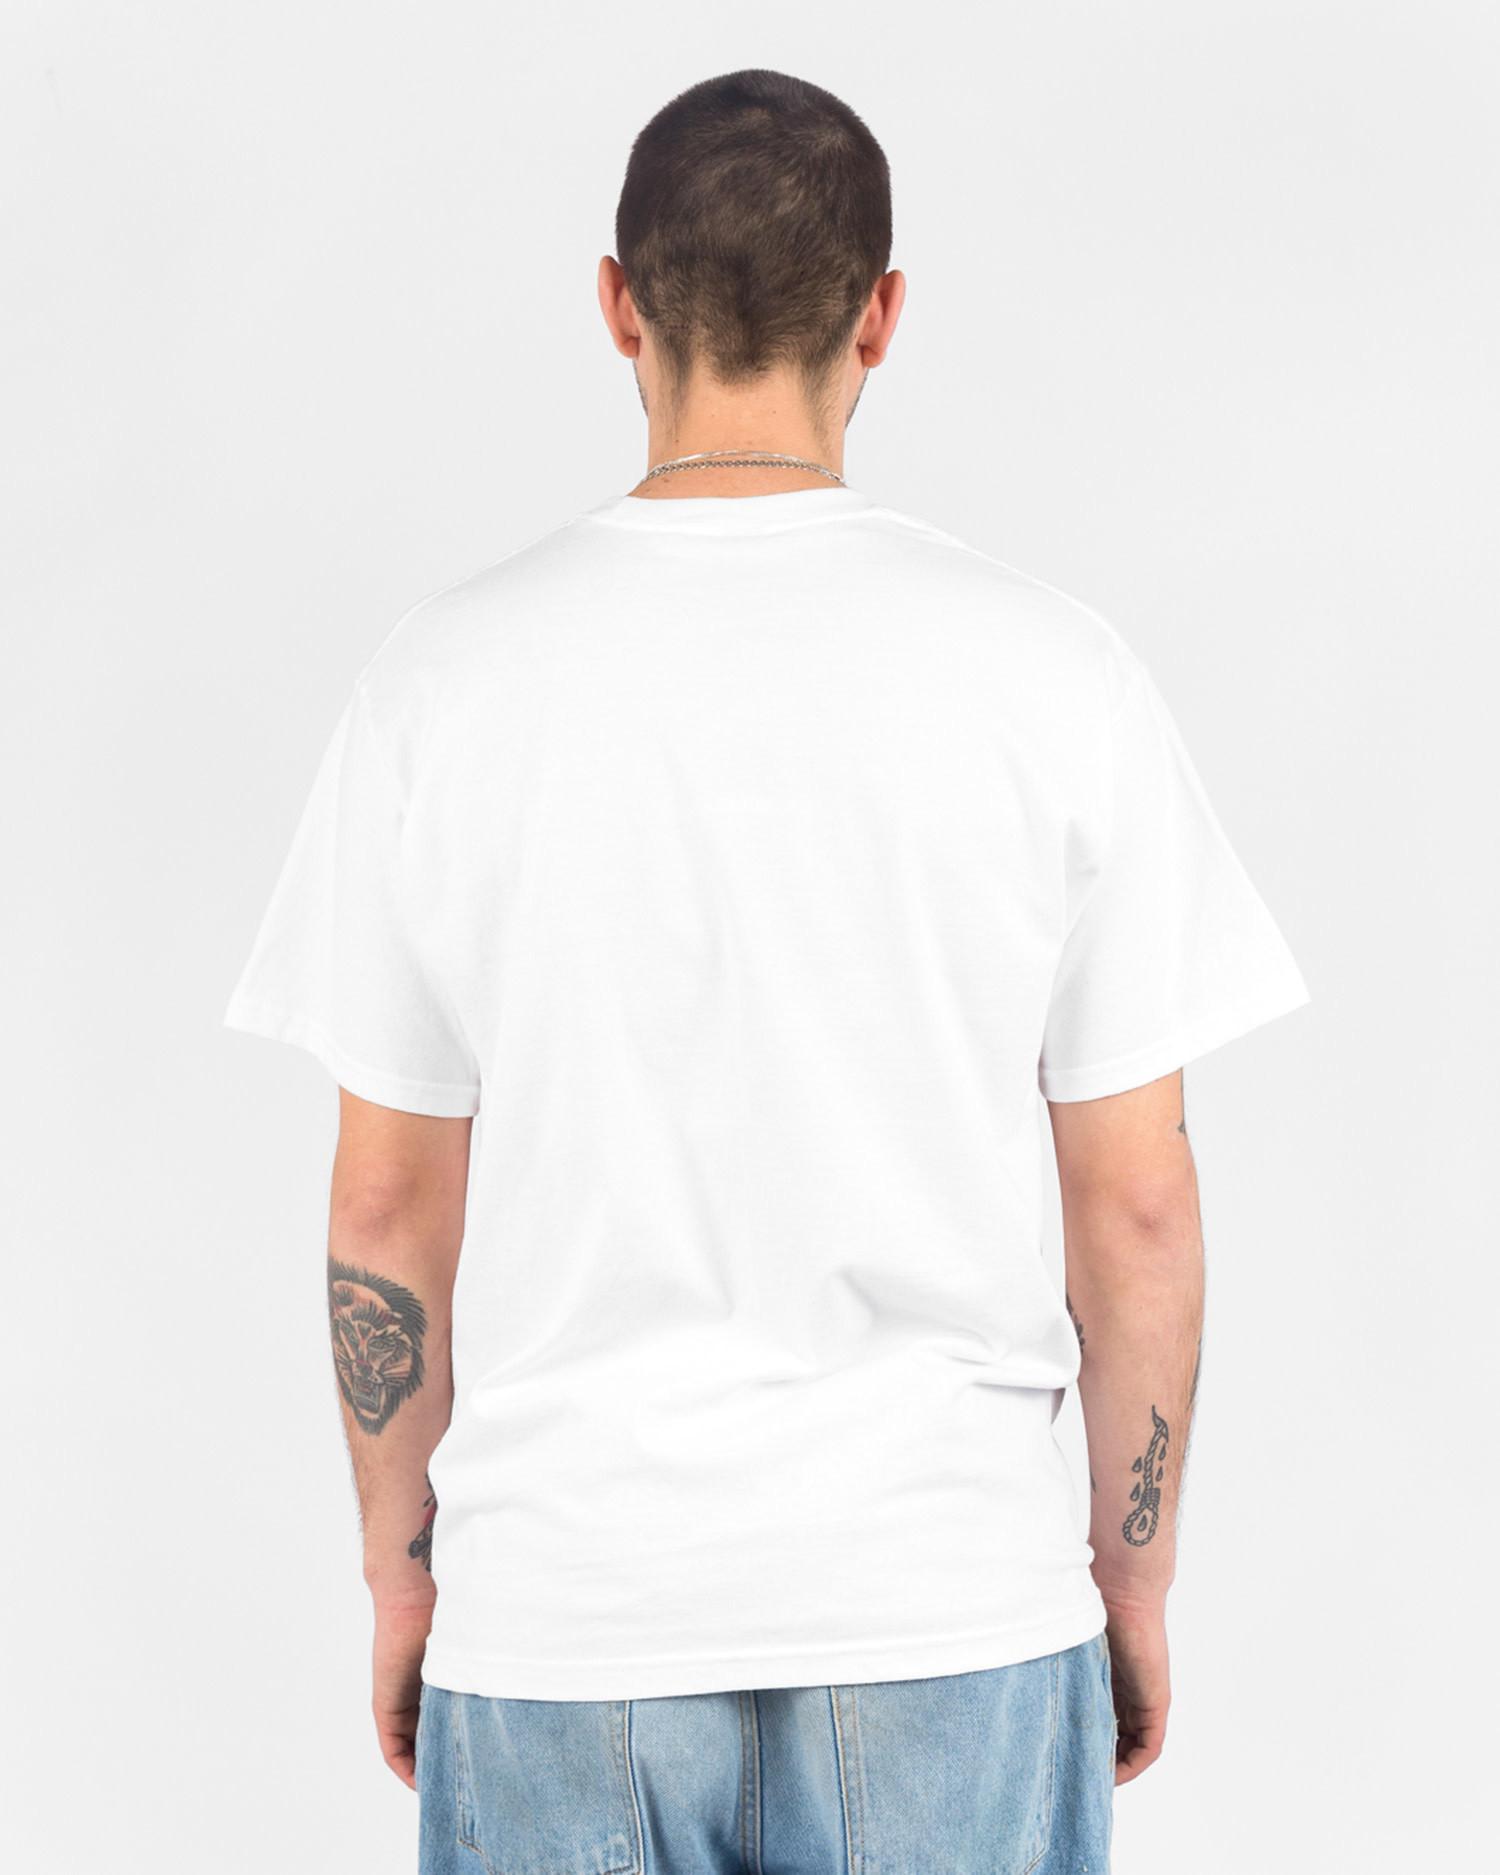 Lockwood OG Varsity T-shirt White/Red